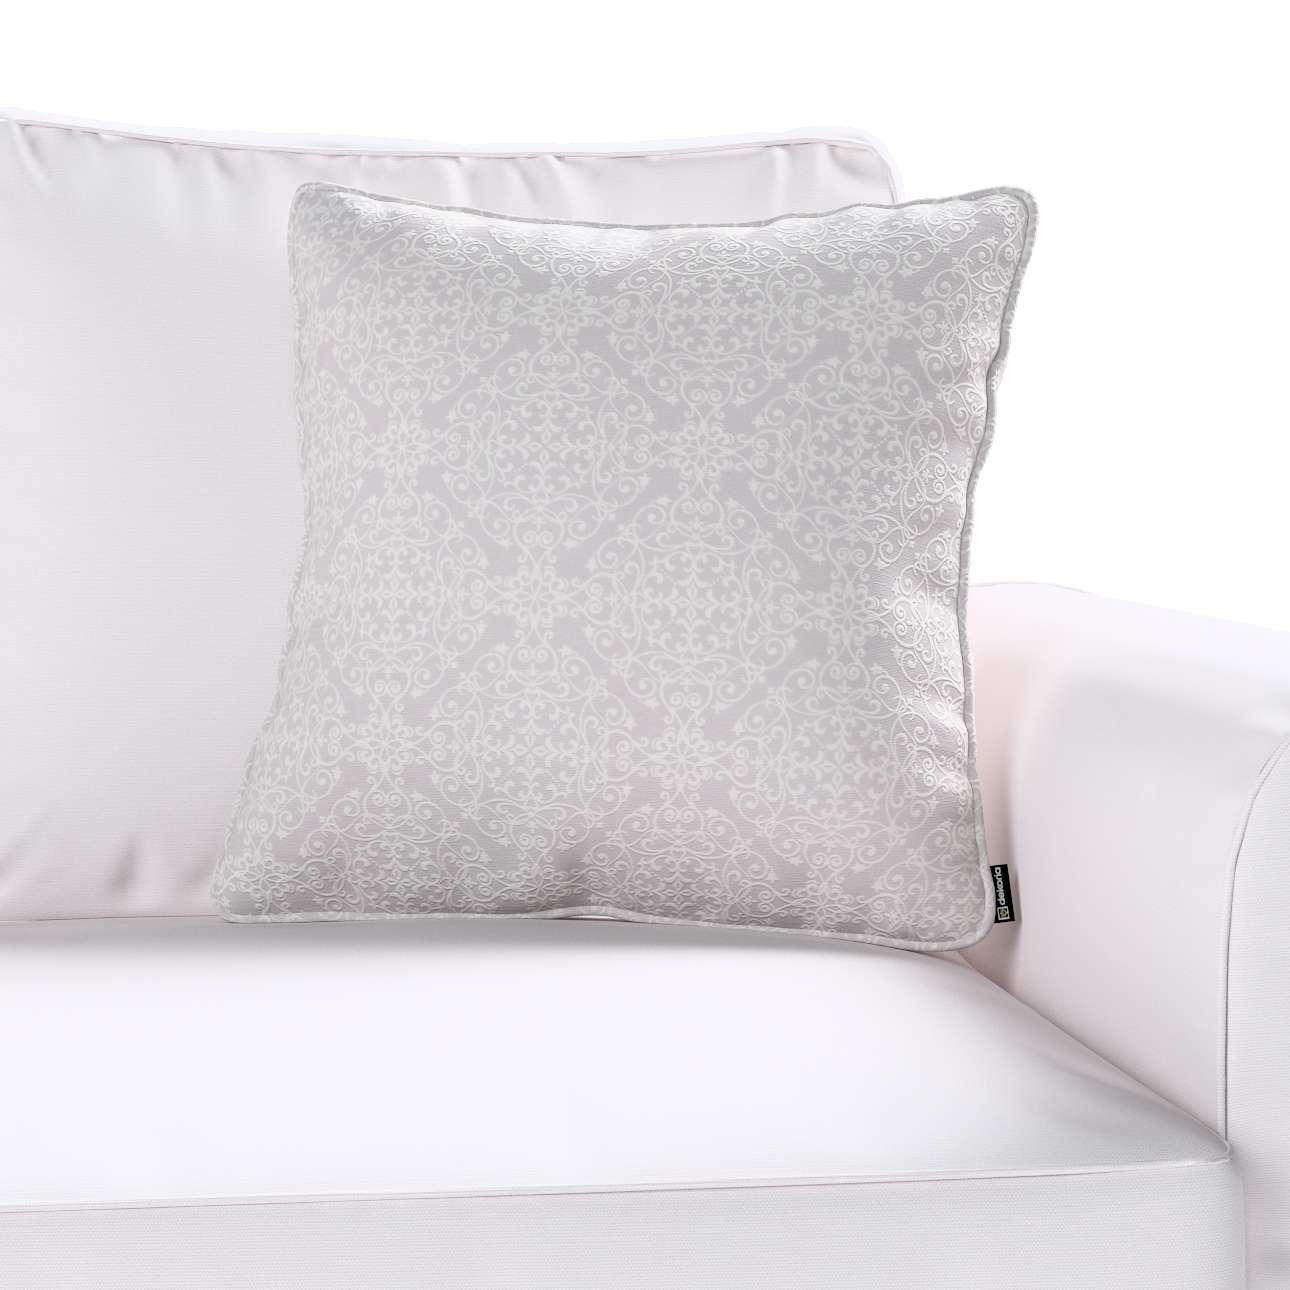 Poszewka Gabi na poduszkę 45 x 45 cm w kolekcji Flowers, tkanina: 140-38